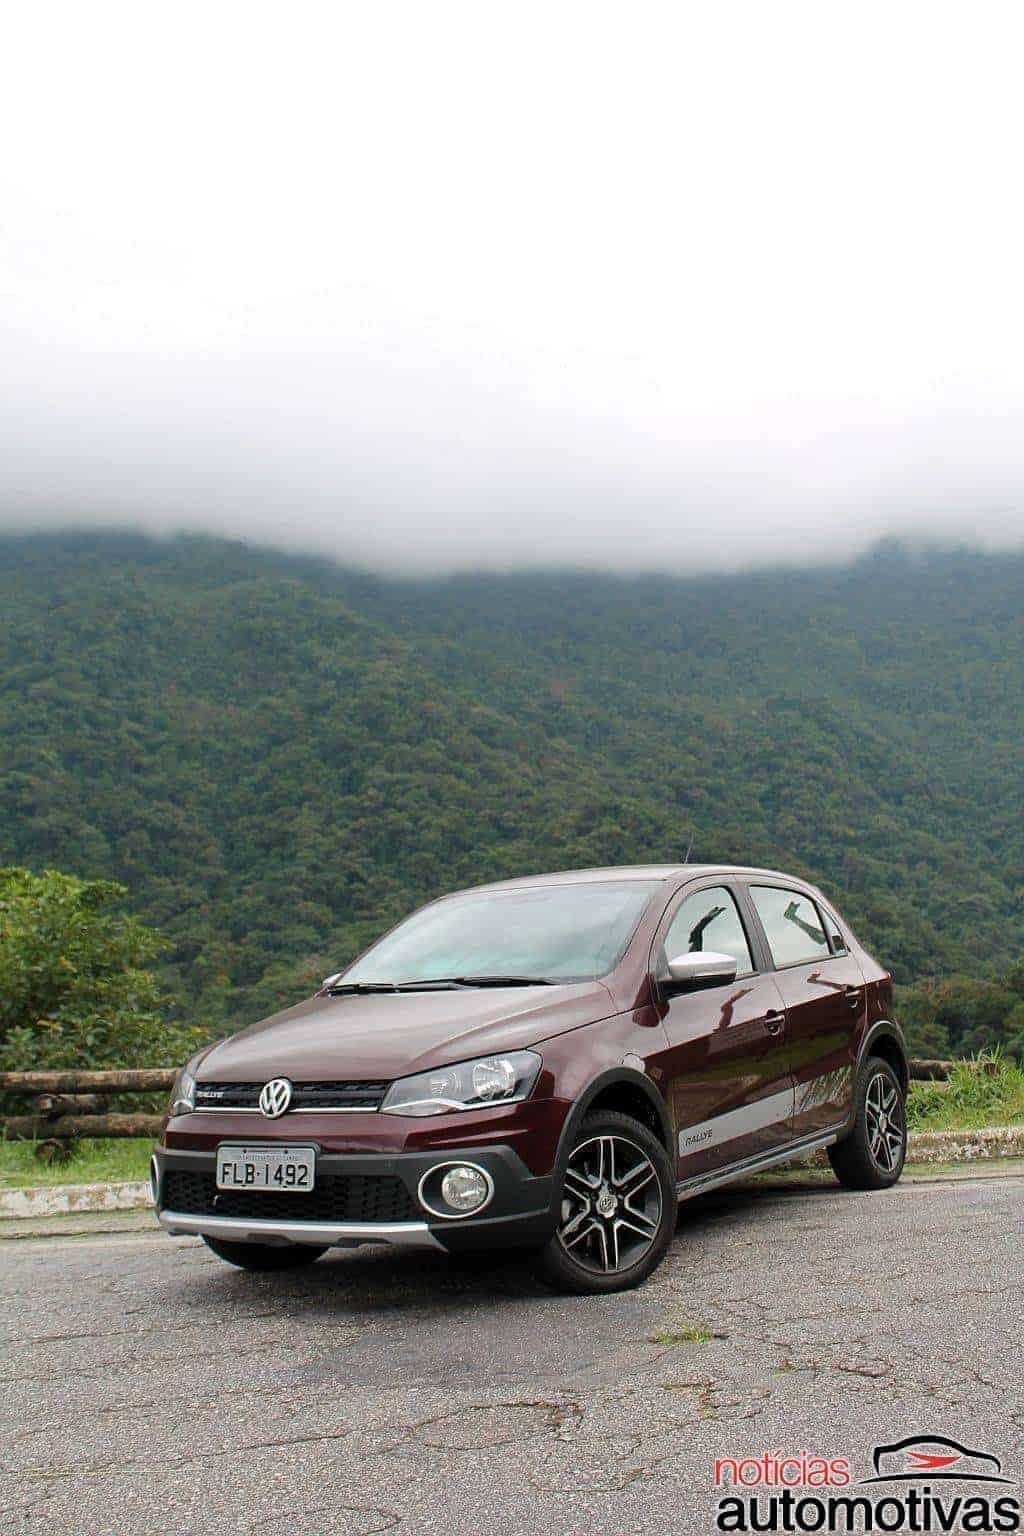 volkswagen-gol-rallye-2015-avaliacao-NA-35 Avaliação Volkswagen Gol Rallye 2015: Motor novo dá fôlego, mas preço alto assusta